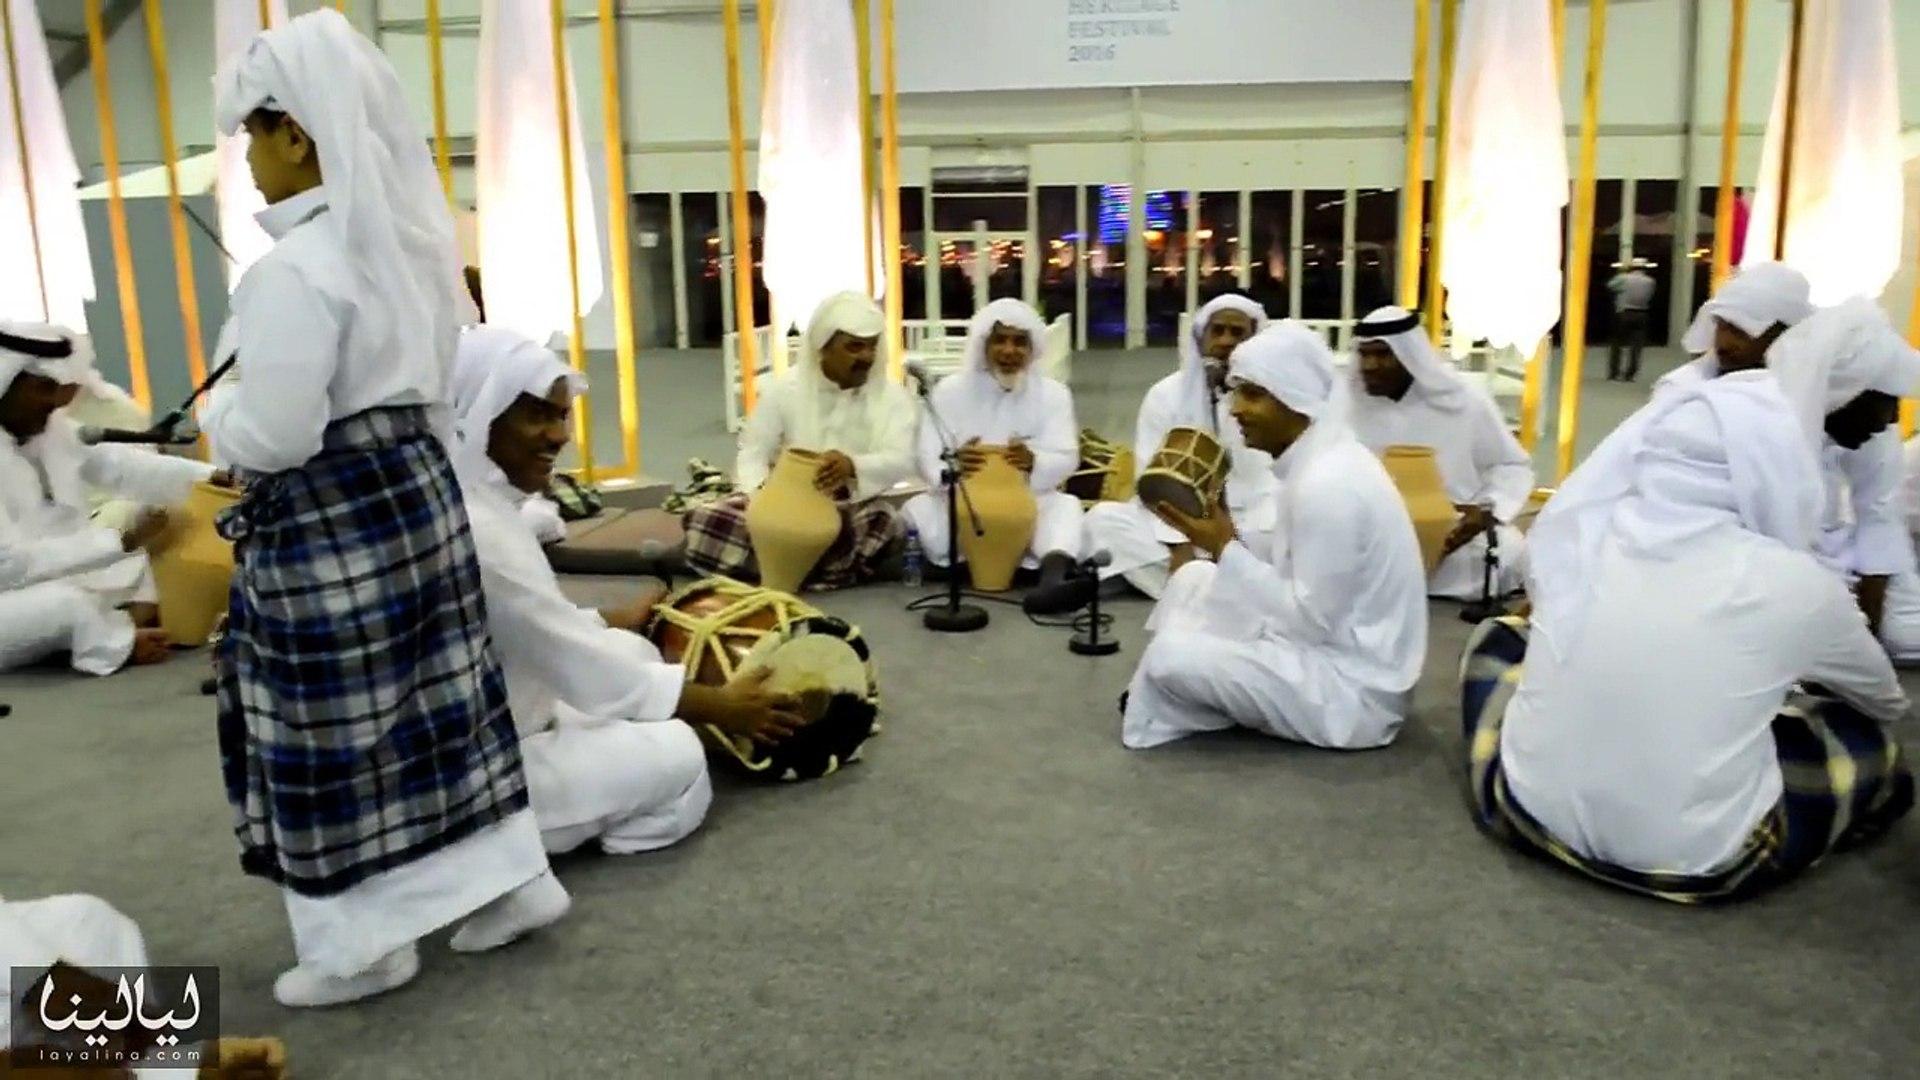 فيديو افتتاح مهرجان التراث السنوي بمتحف البحرين الوطني